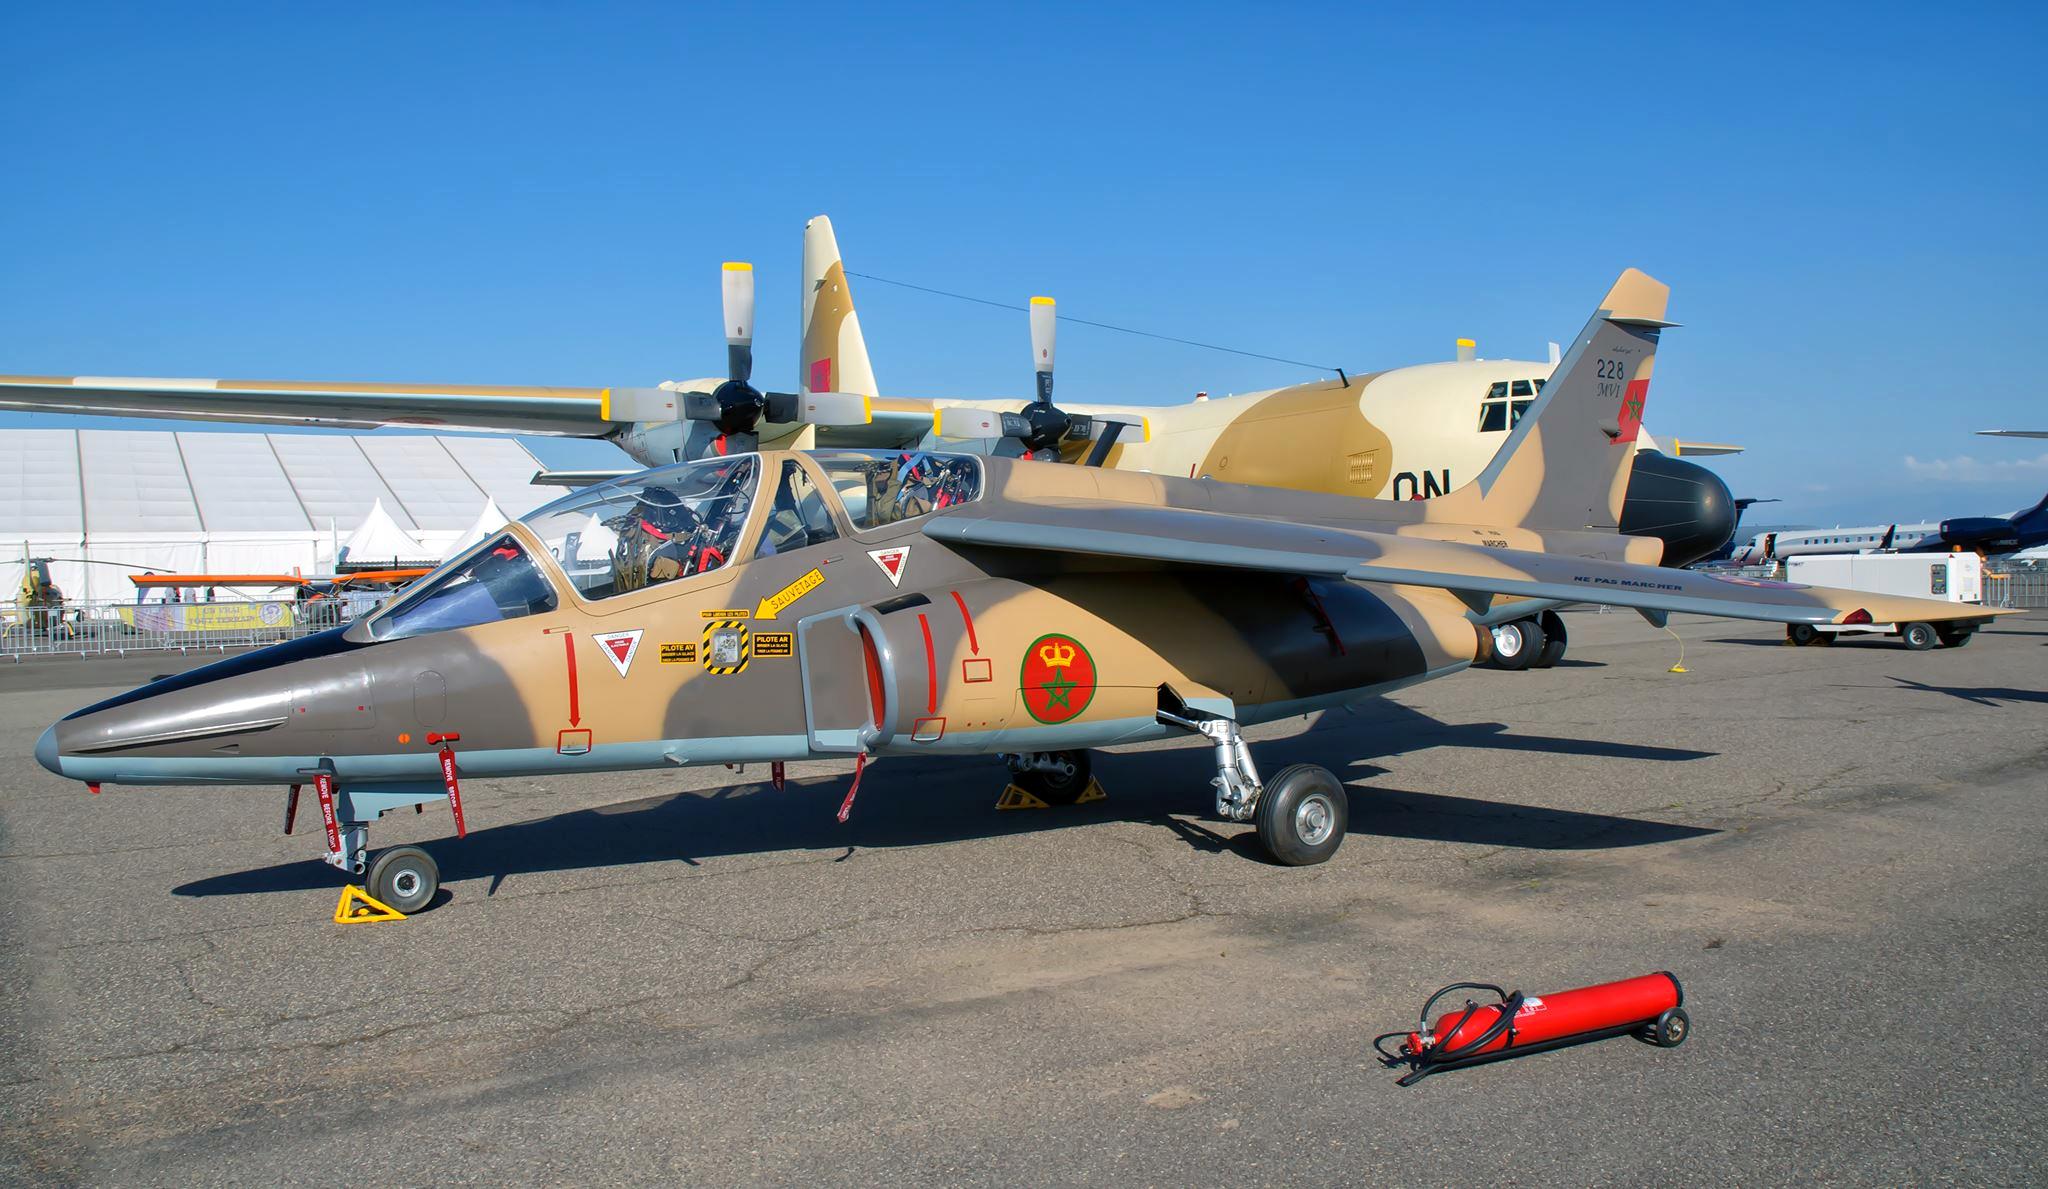 القوات الجوية الملكية المغربية - متجدد - - صفحة 2 160201062644319849